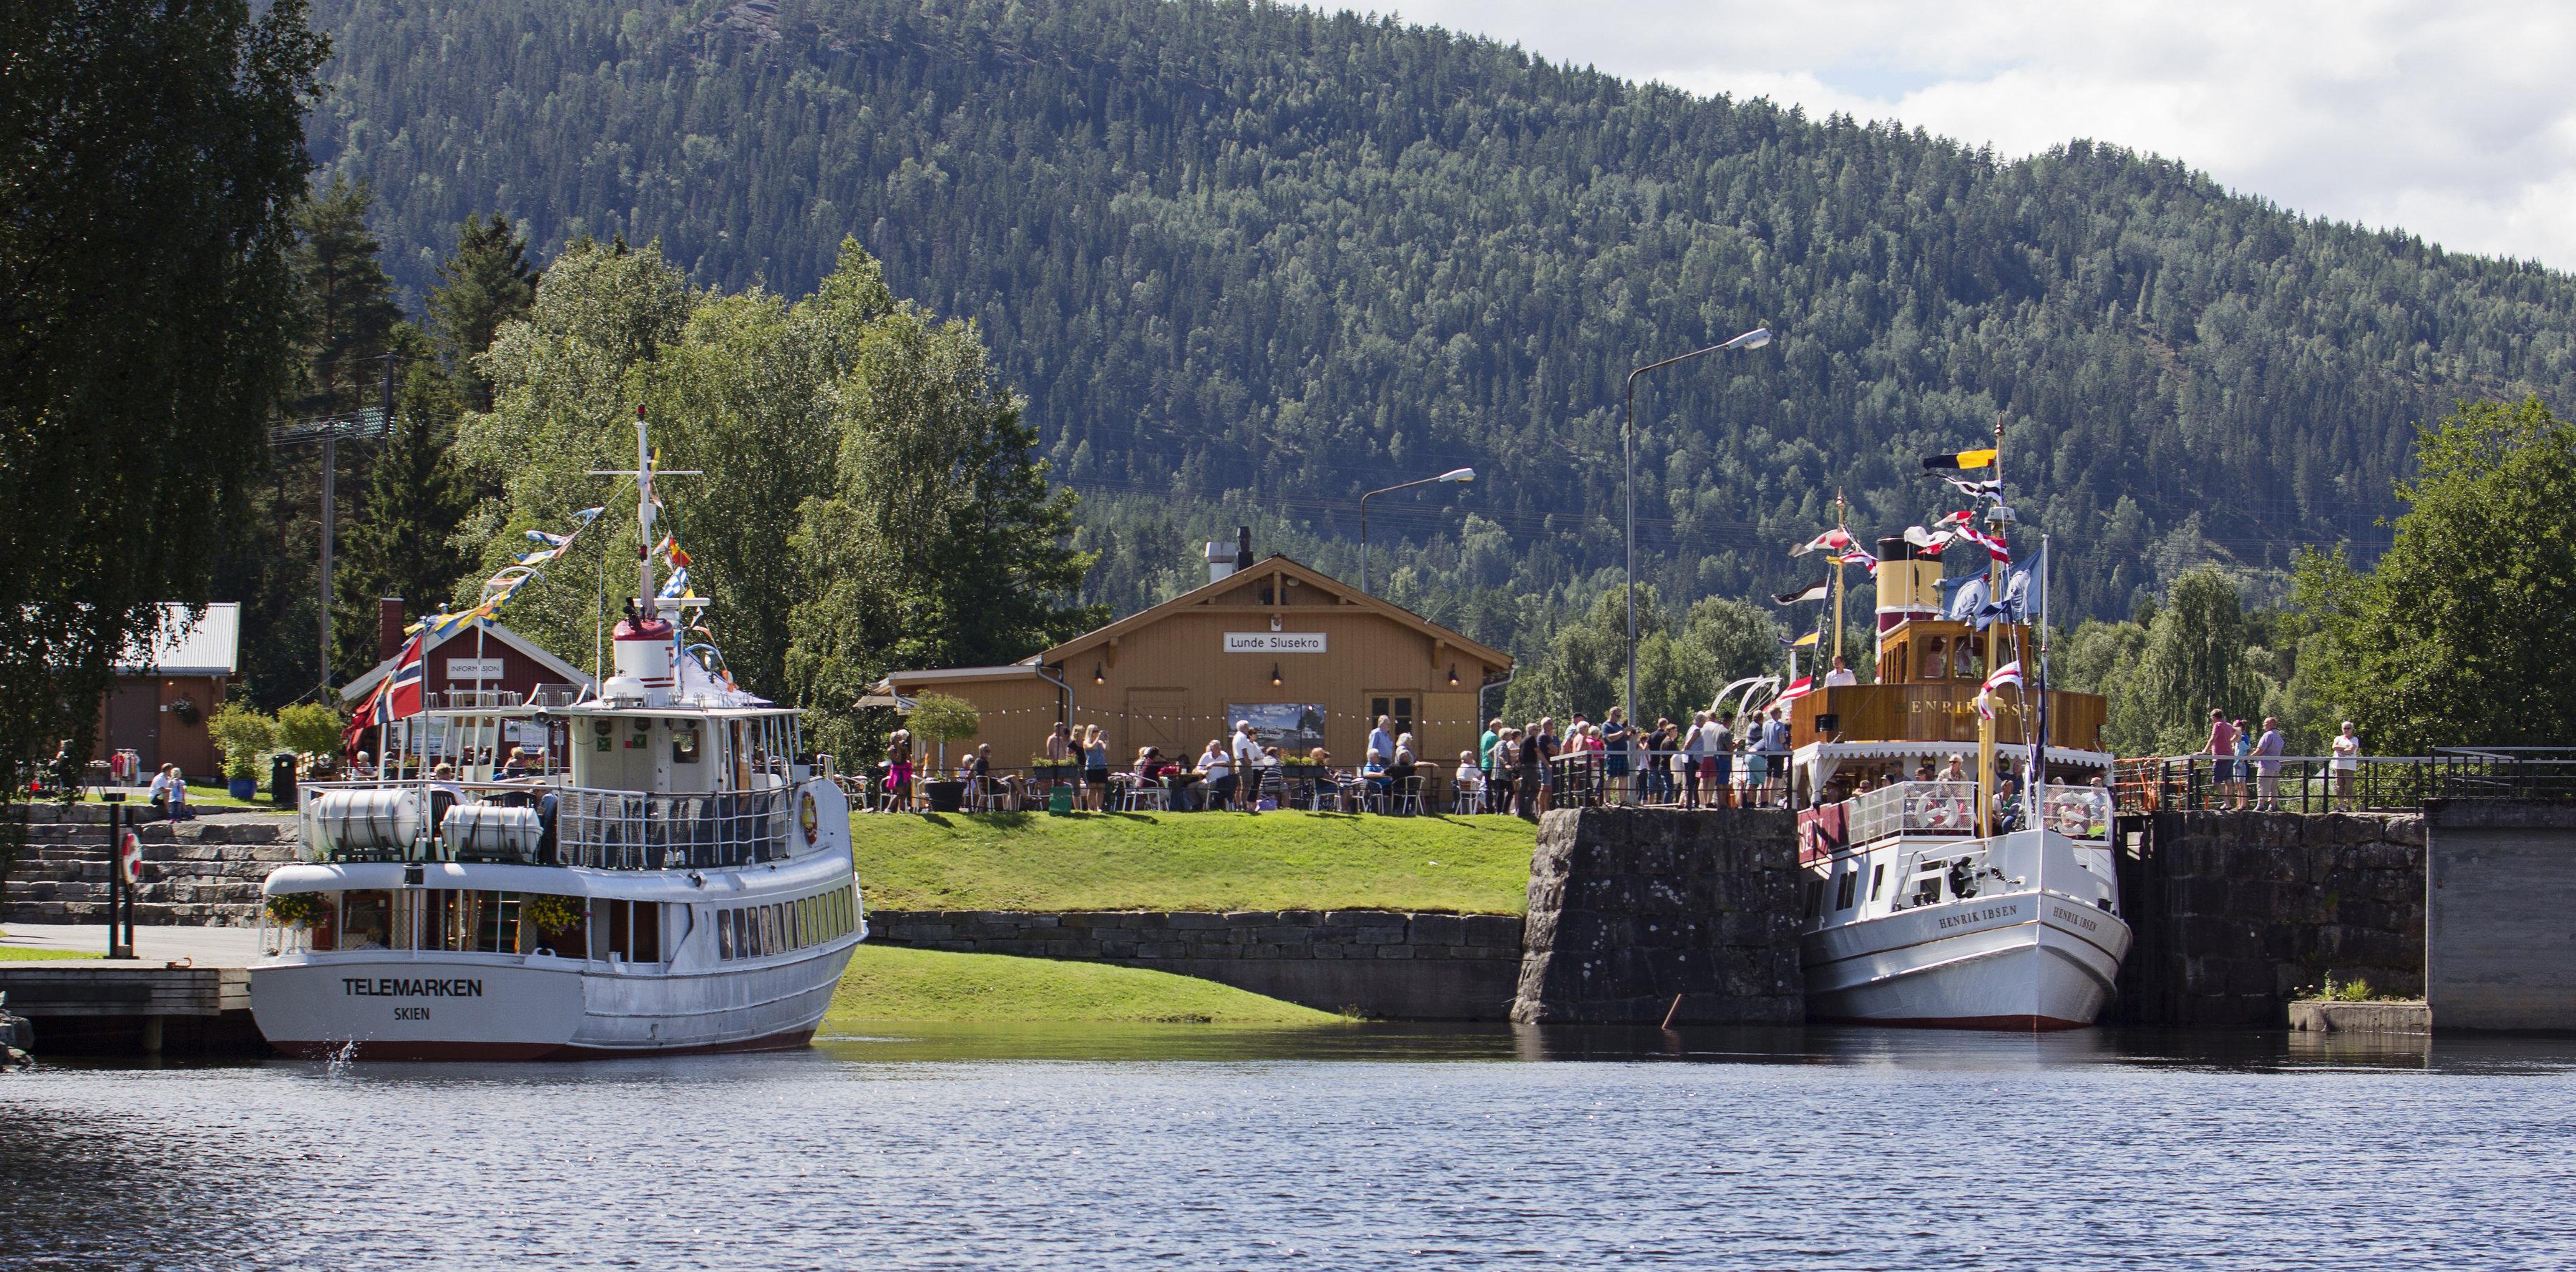 M/S Telemarken og M/S Henrik Ibsen i Lunde sluse Foto Ida Kvisgaard